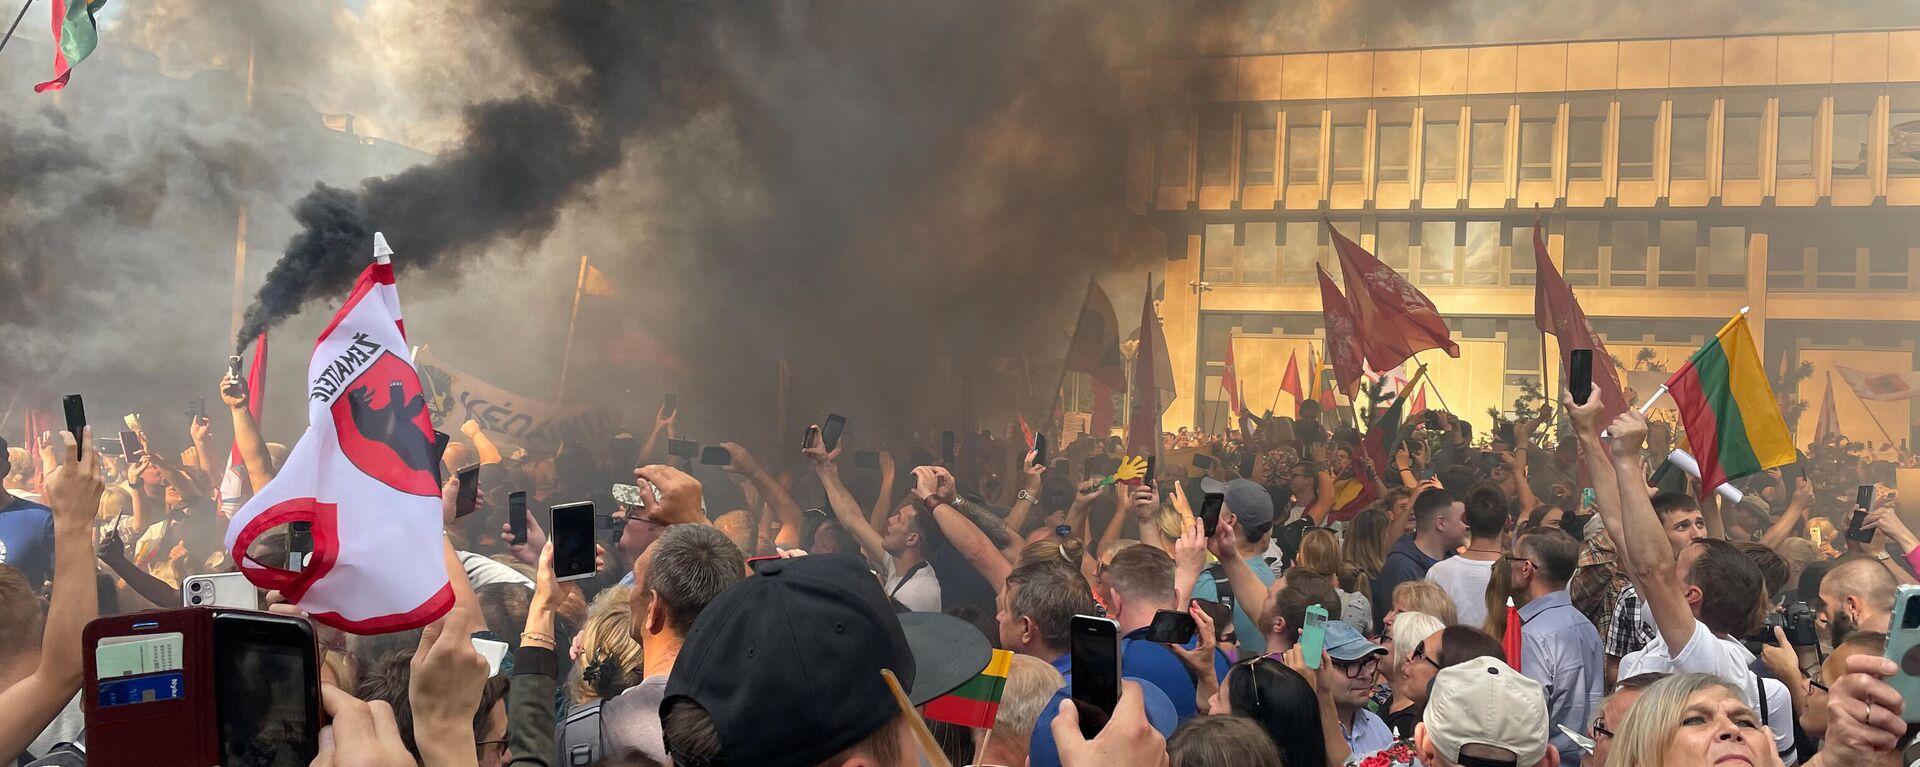 Митинг у здания Сейма Литвы - Sputnik Латвия, 1920, 17.08.2021